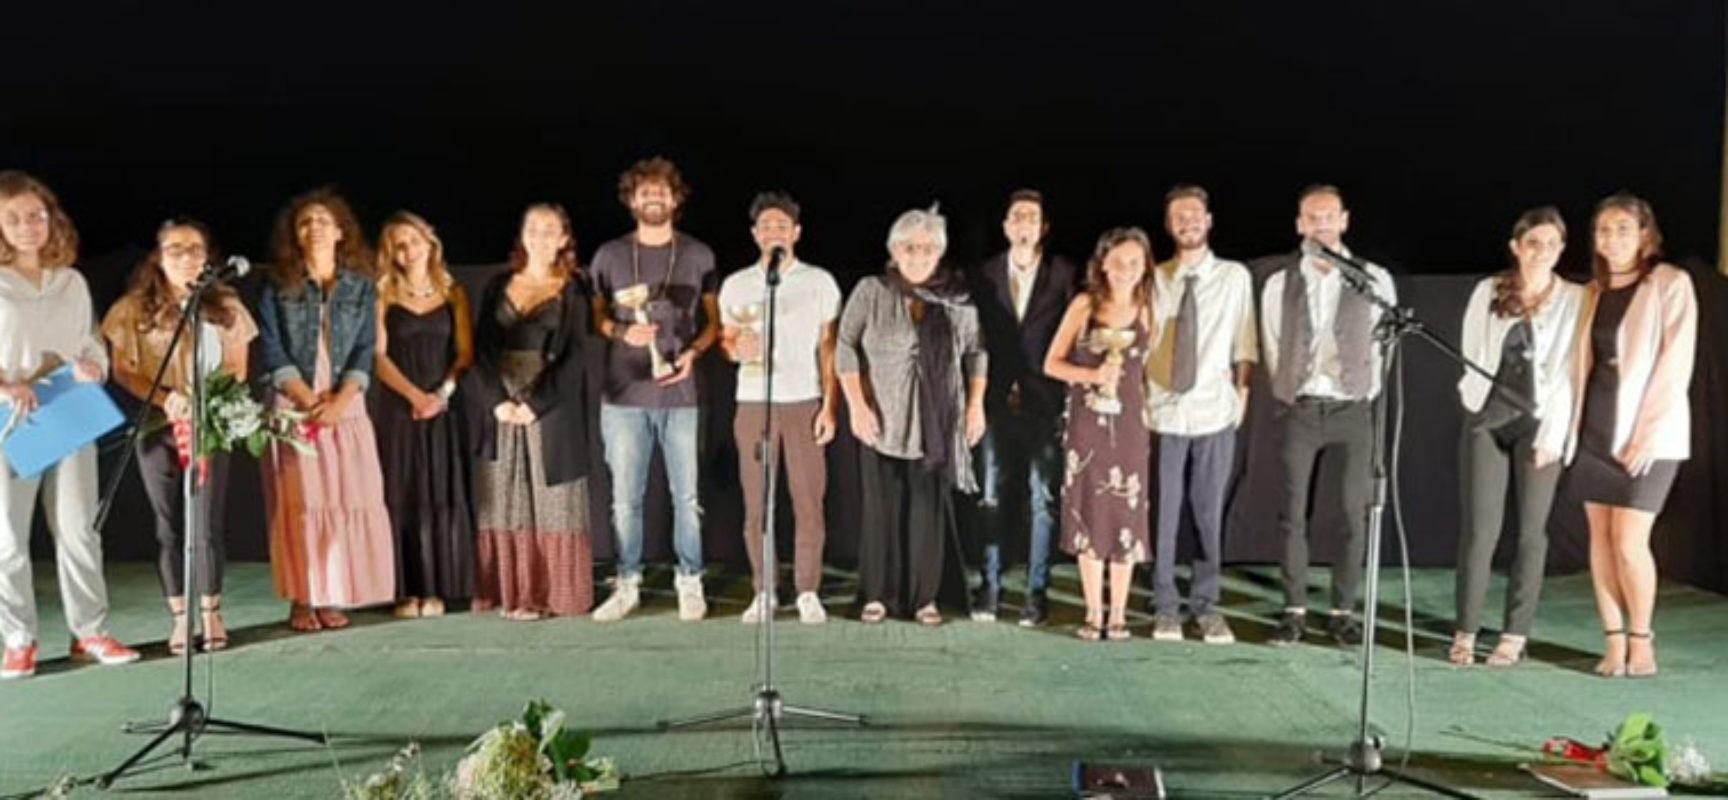 Finale del Festival Nazionale del Monologo, in diretta con CompagniAurea